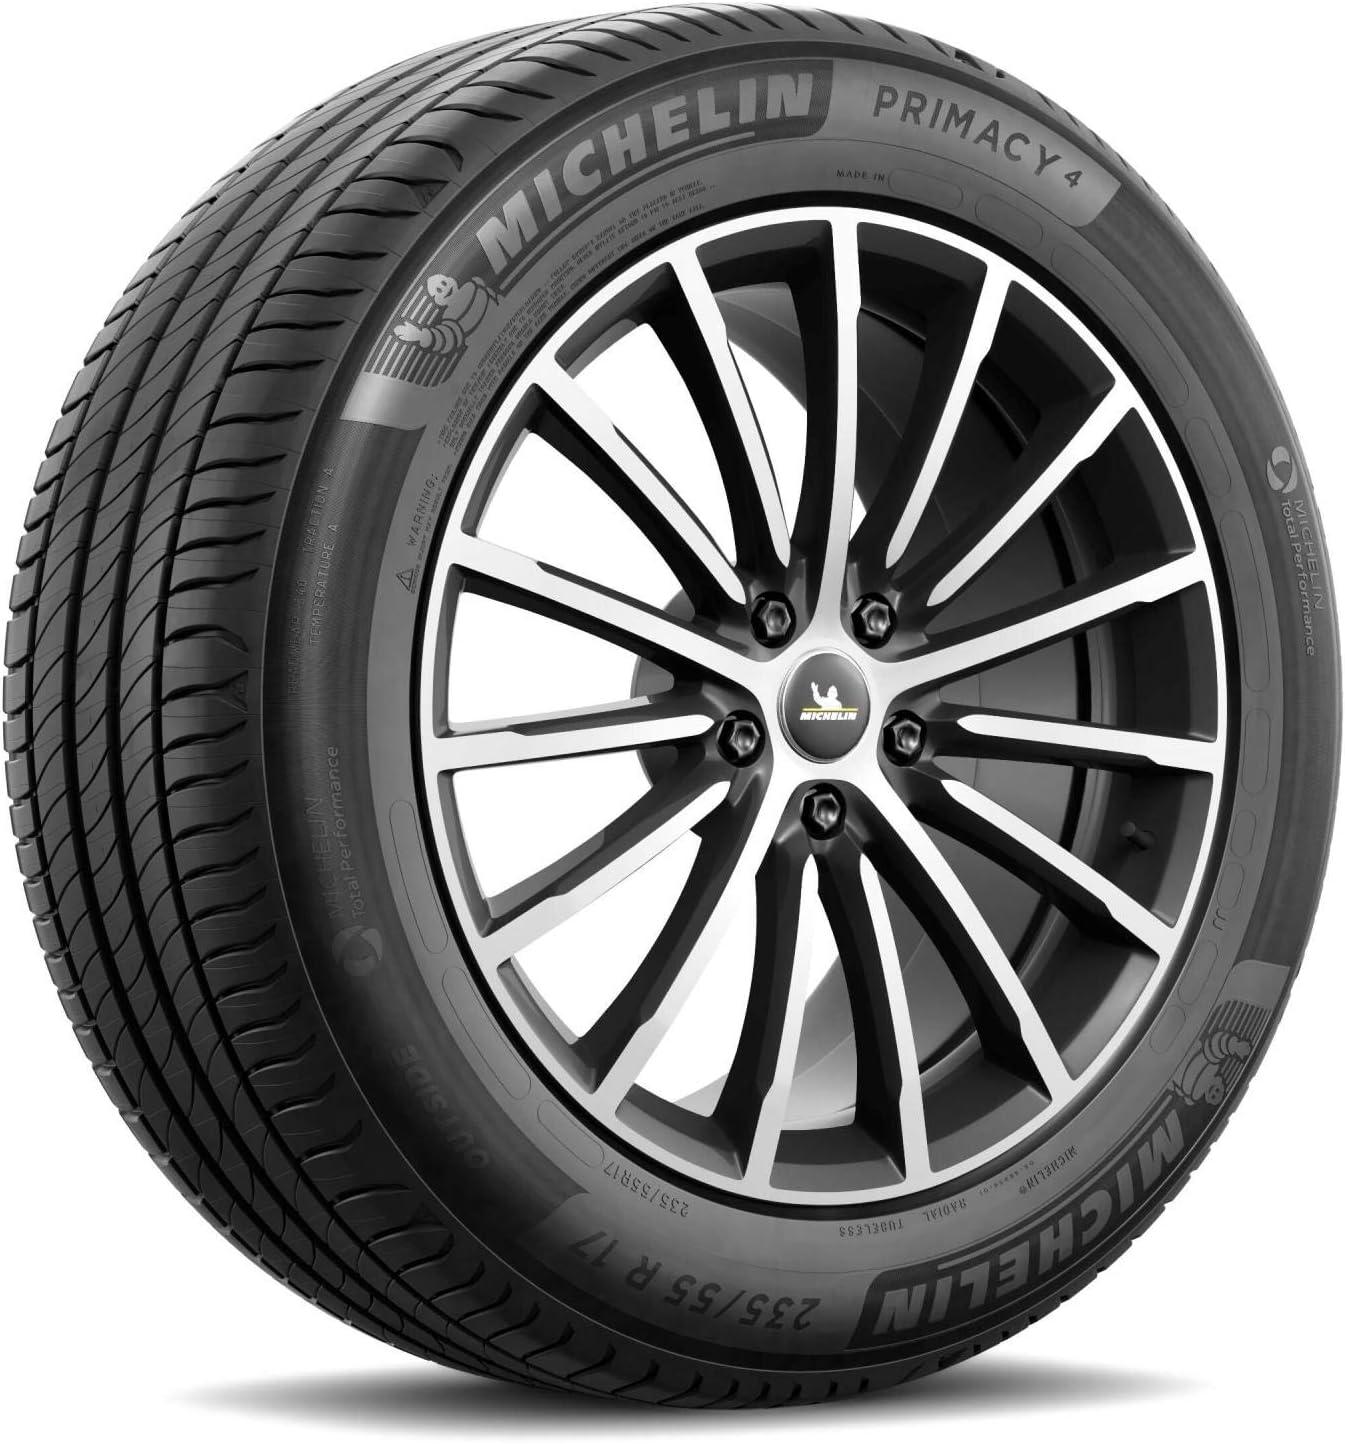 Reifen Sommer Michelin Primacy 4 235 55 R17 103y Xl Standard Auto